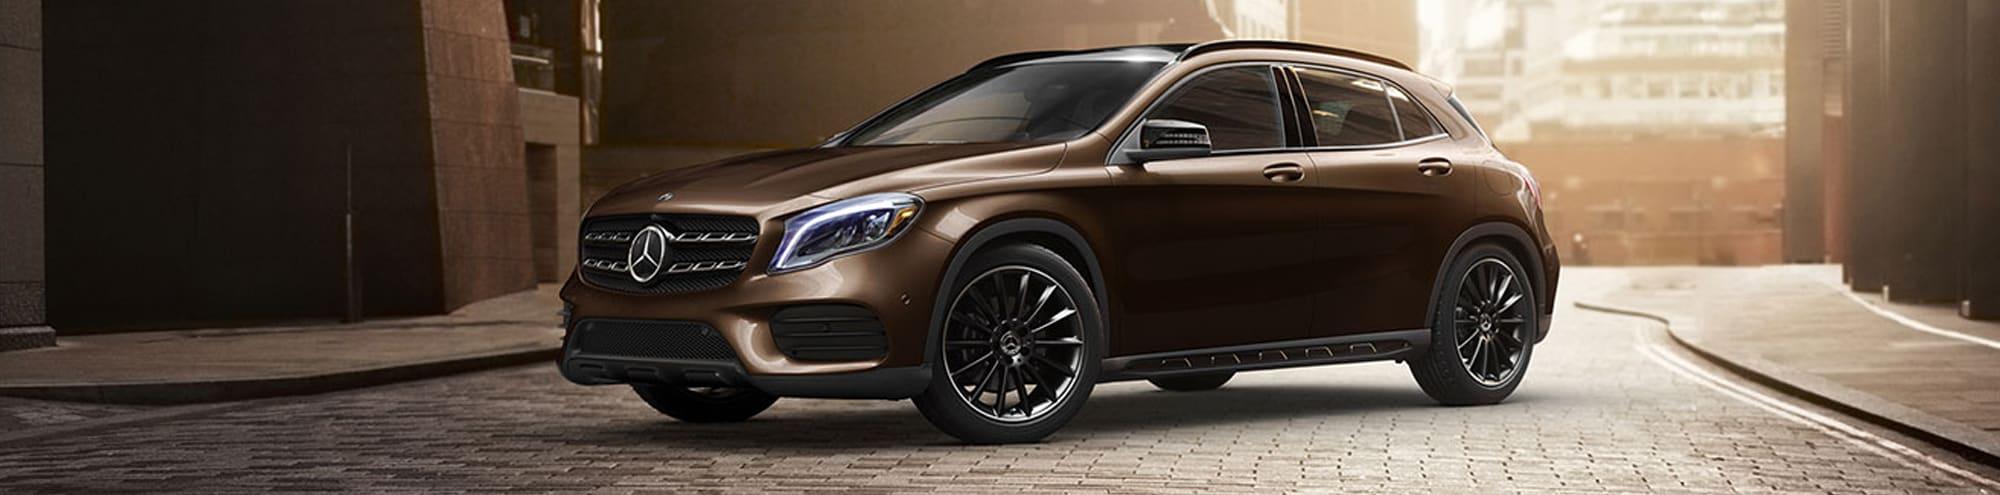 Mercedes-Benz SUV Comparison - Tom Masano Inc., Reading ...